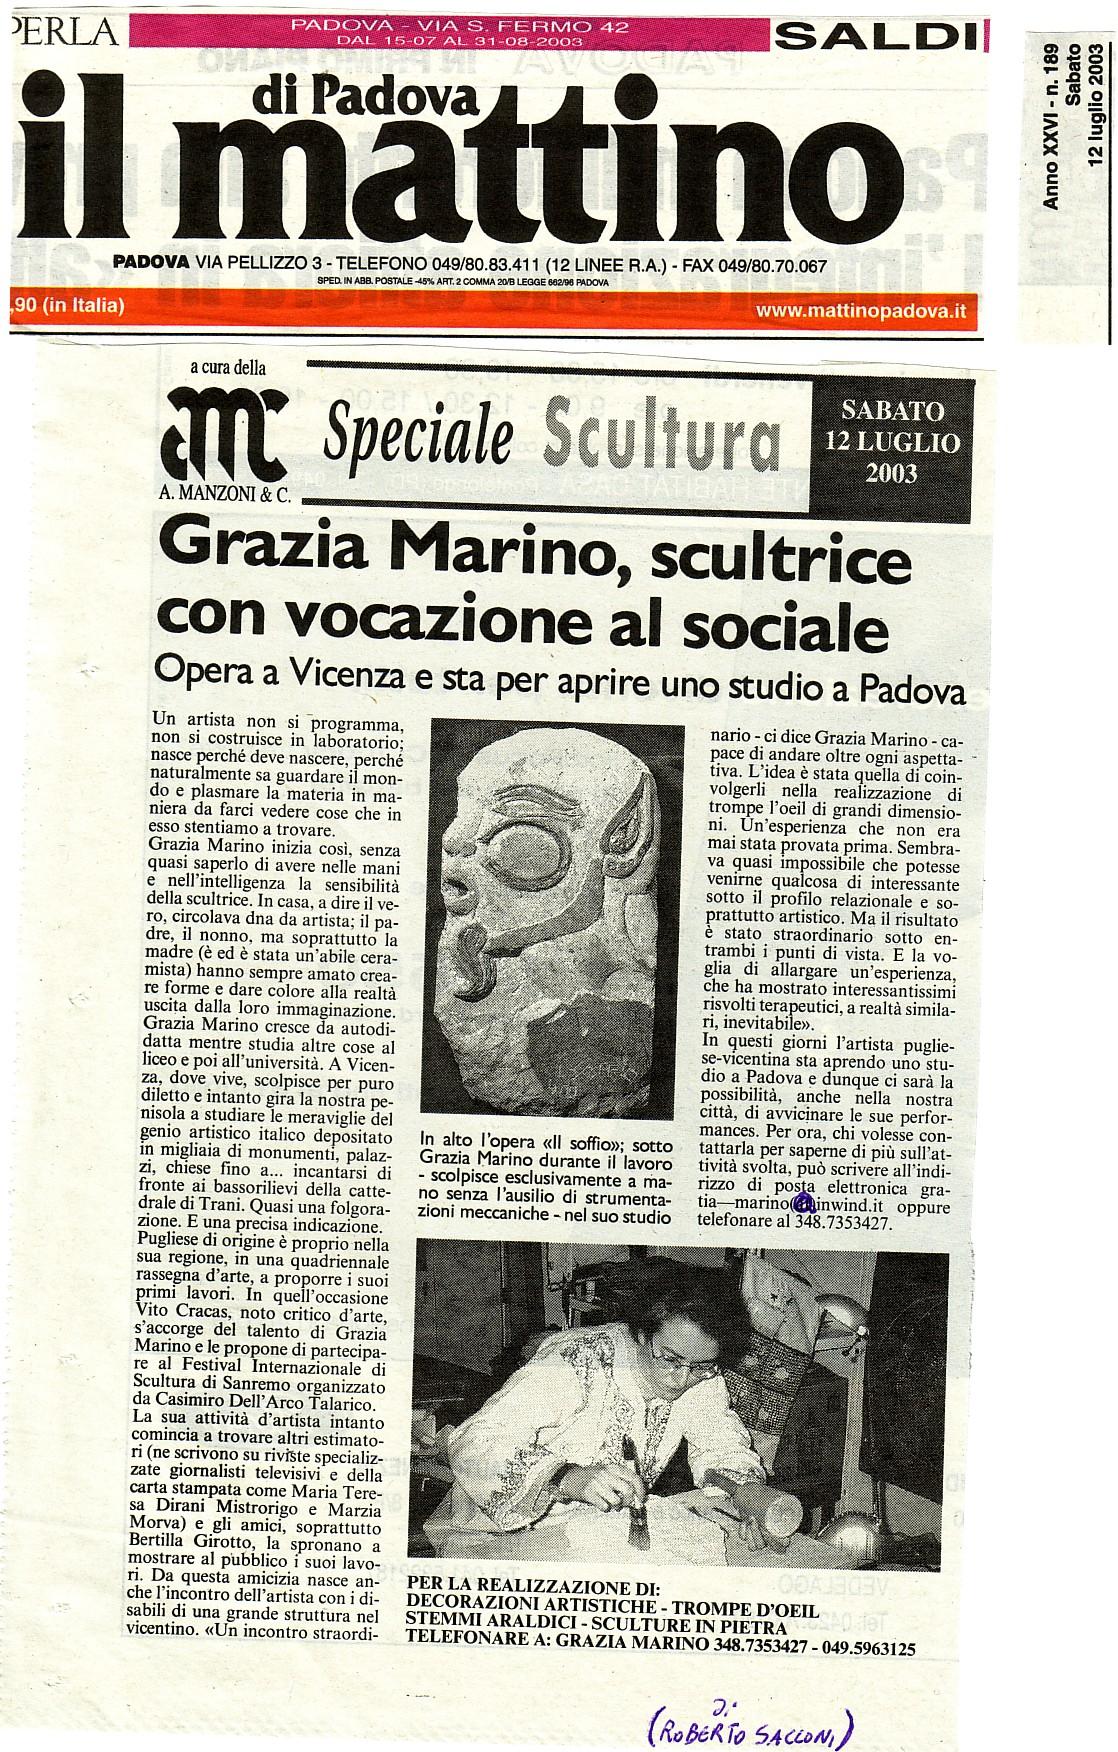 Il mattino di Padova lug.'03 R.Sacconi